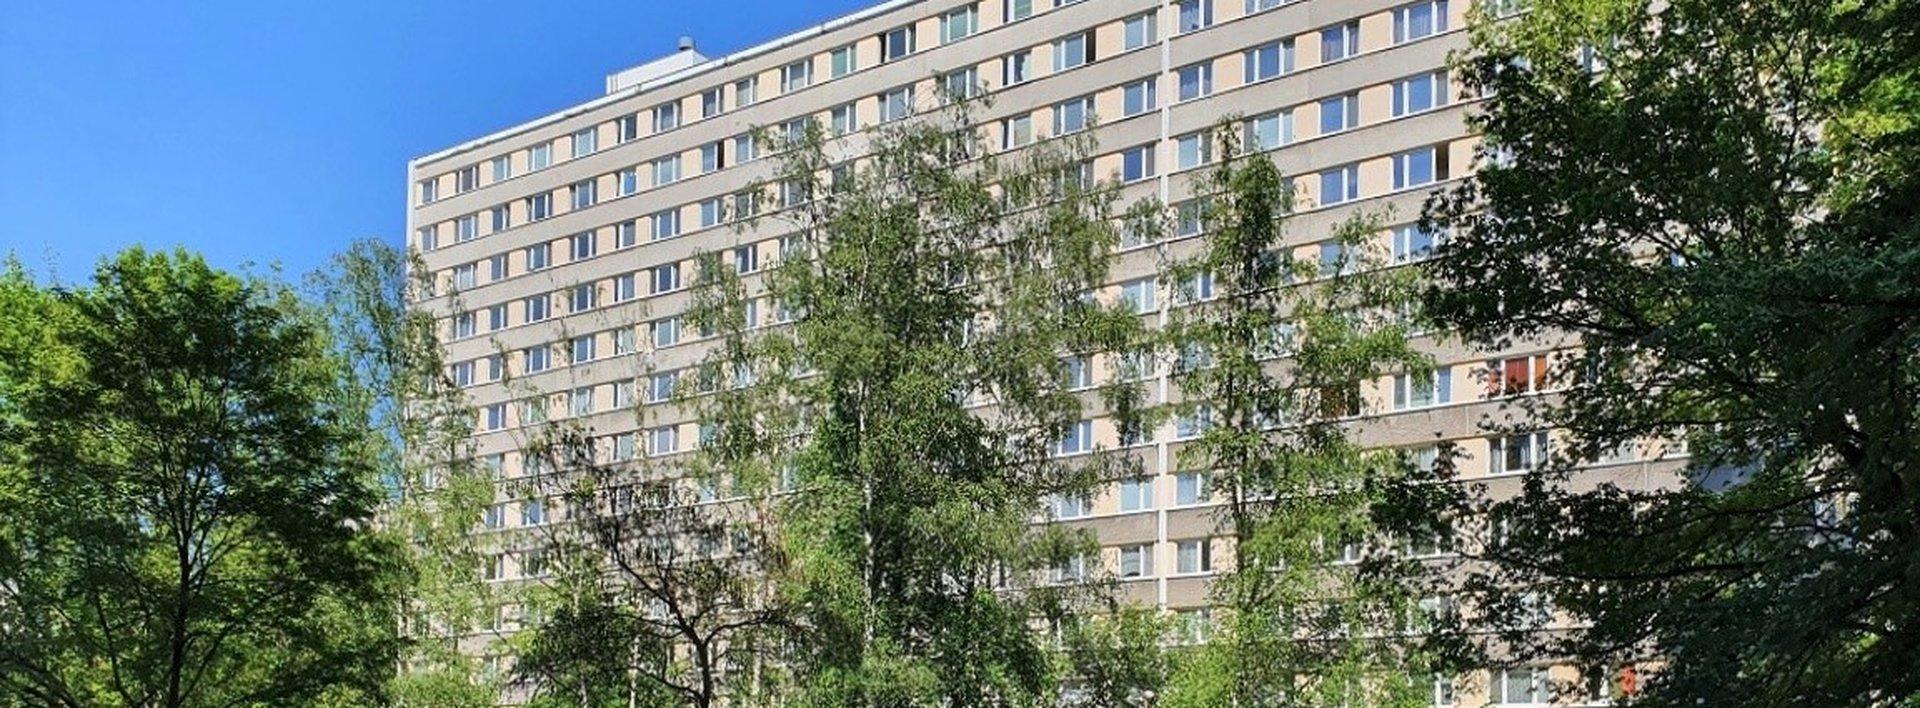 Pronájem bytu 2+kk se samostatnou lodžií (55,40 m²) - Pardubice - Polabiny, Ev.č.: N49042